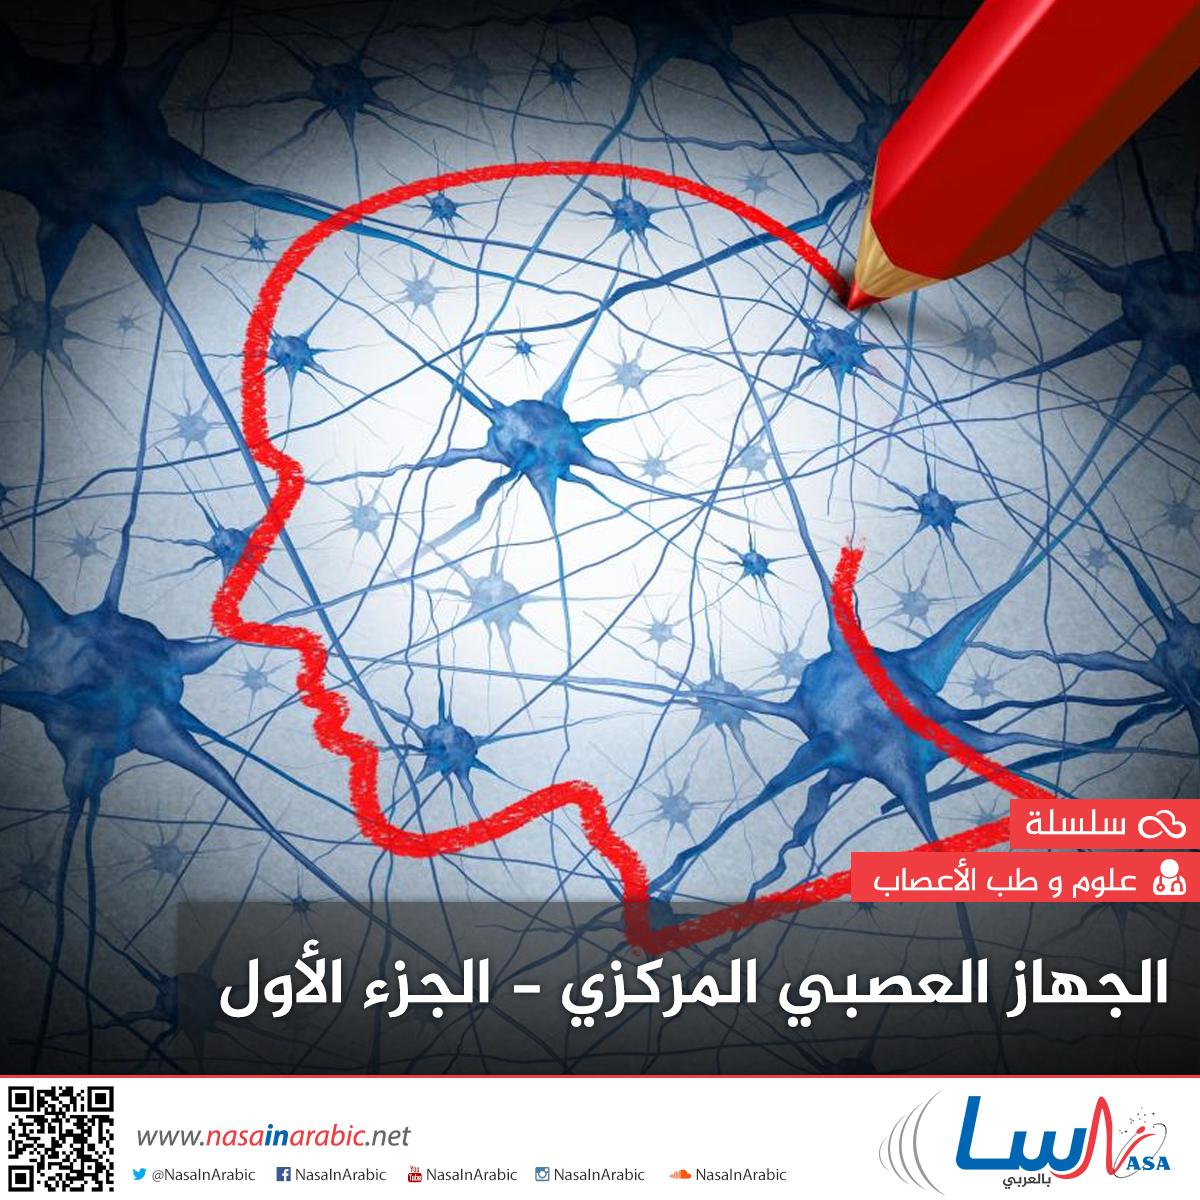 الجهاز العصبي المركزي - الجزء الأول